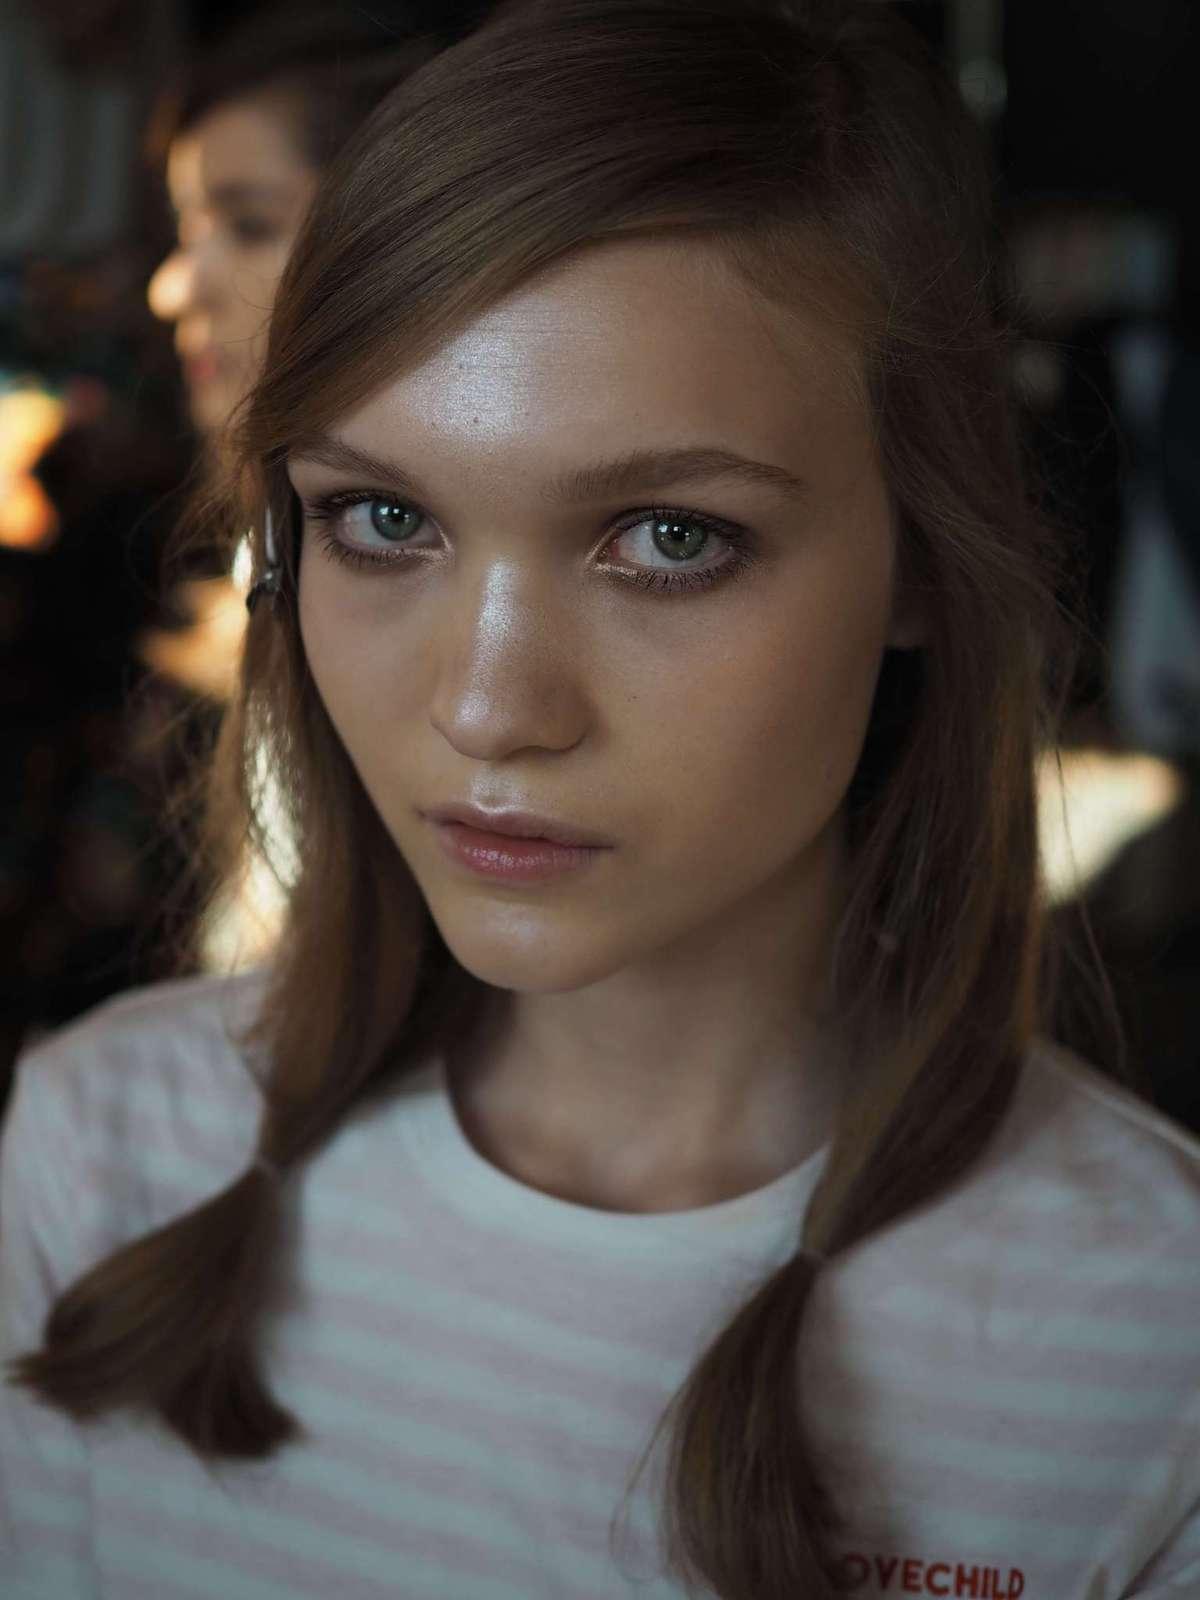 Lovechild, Sine Ginsborg, Makeup Artist, Makeup Tips, True Match Highlight, Loreal,